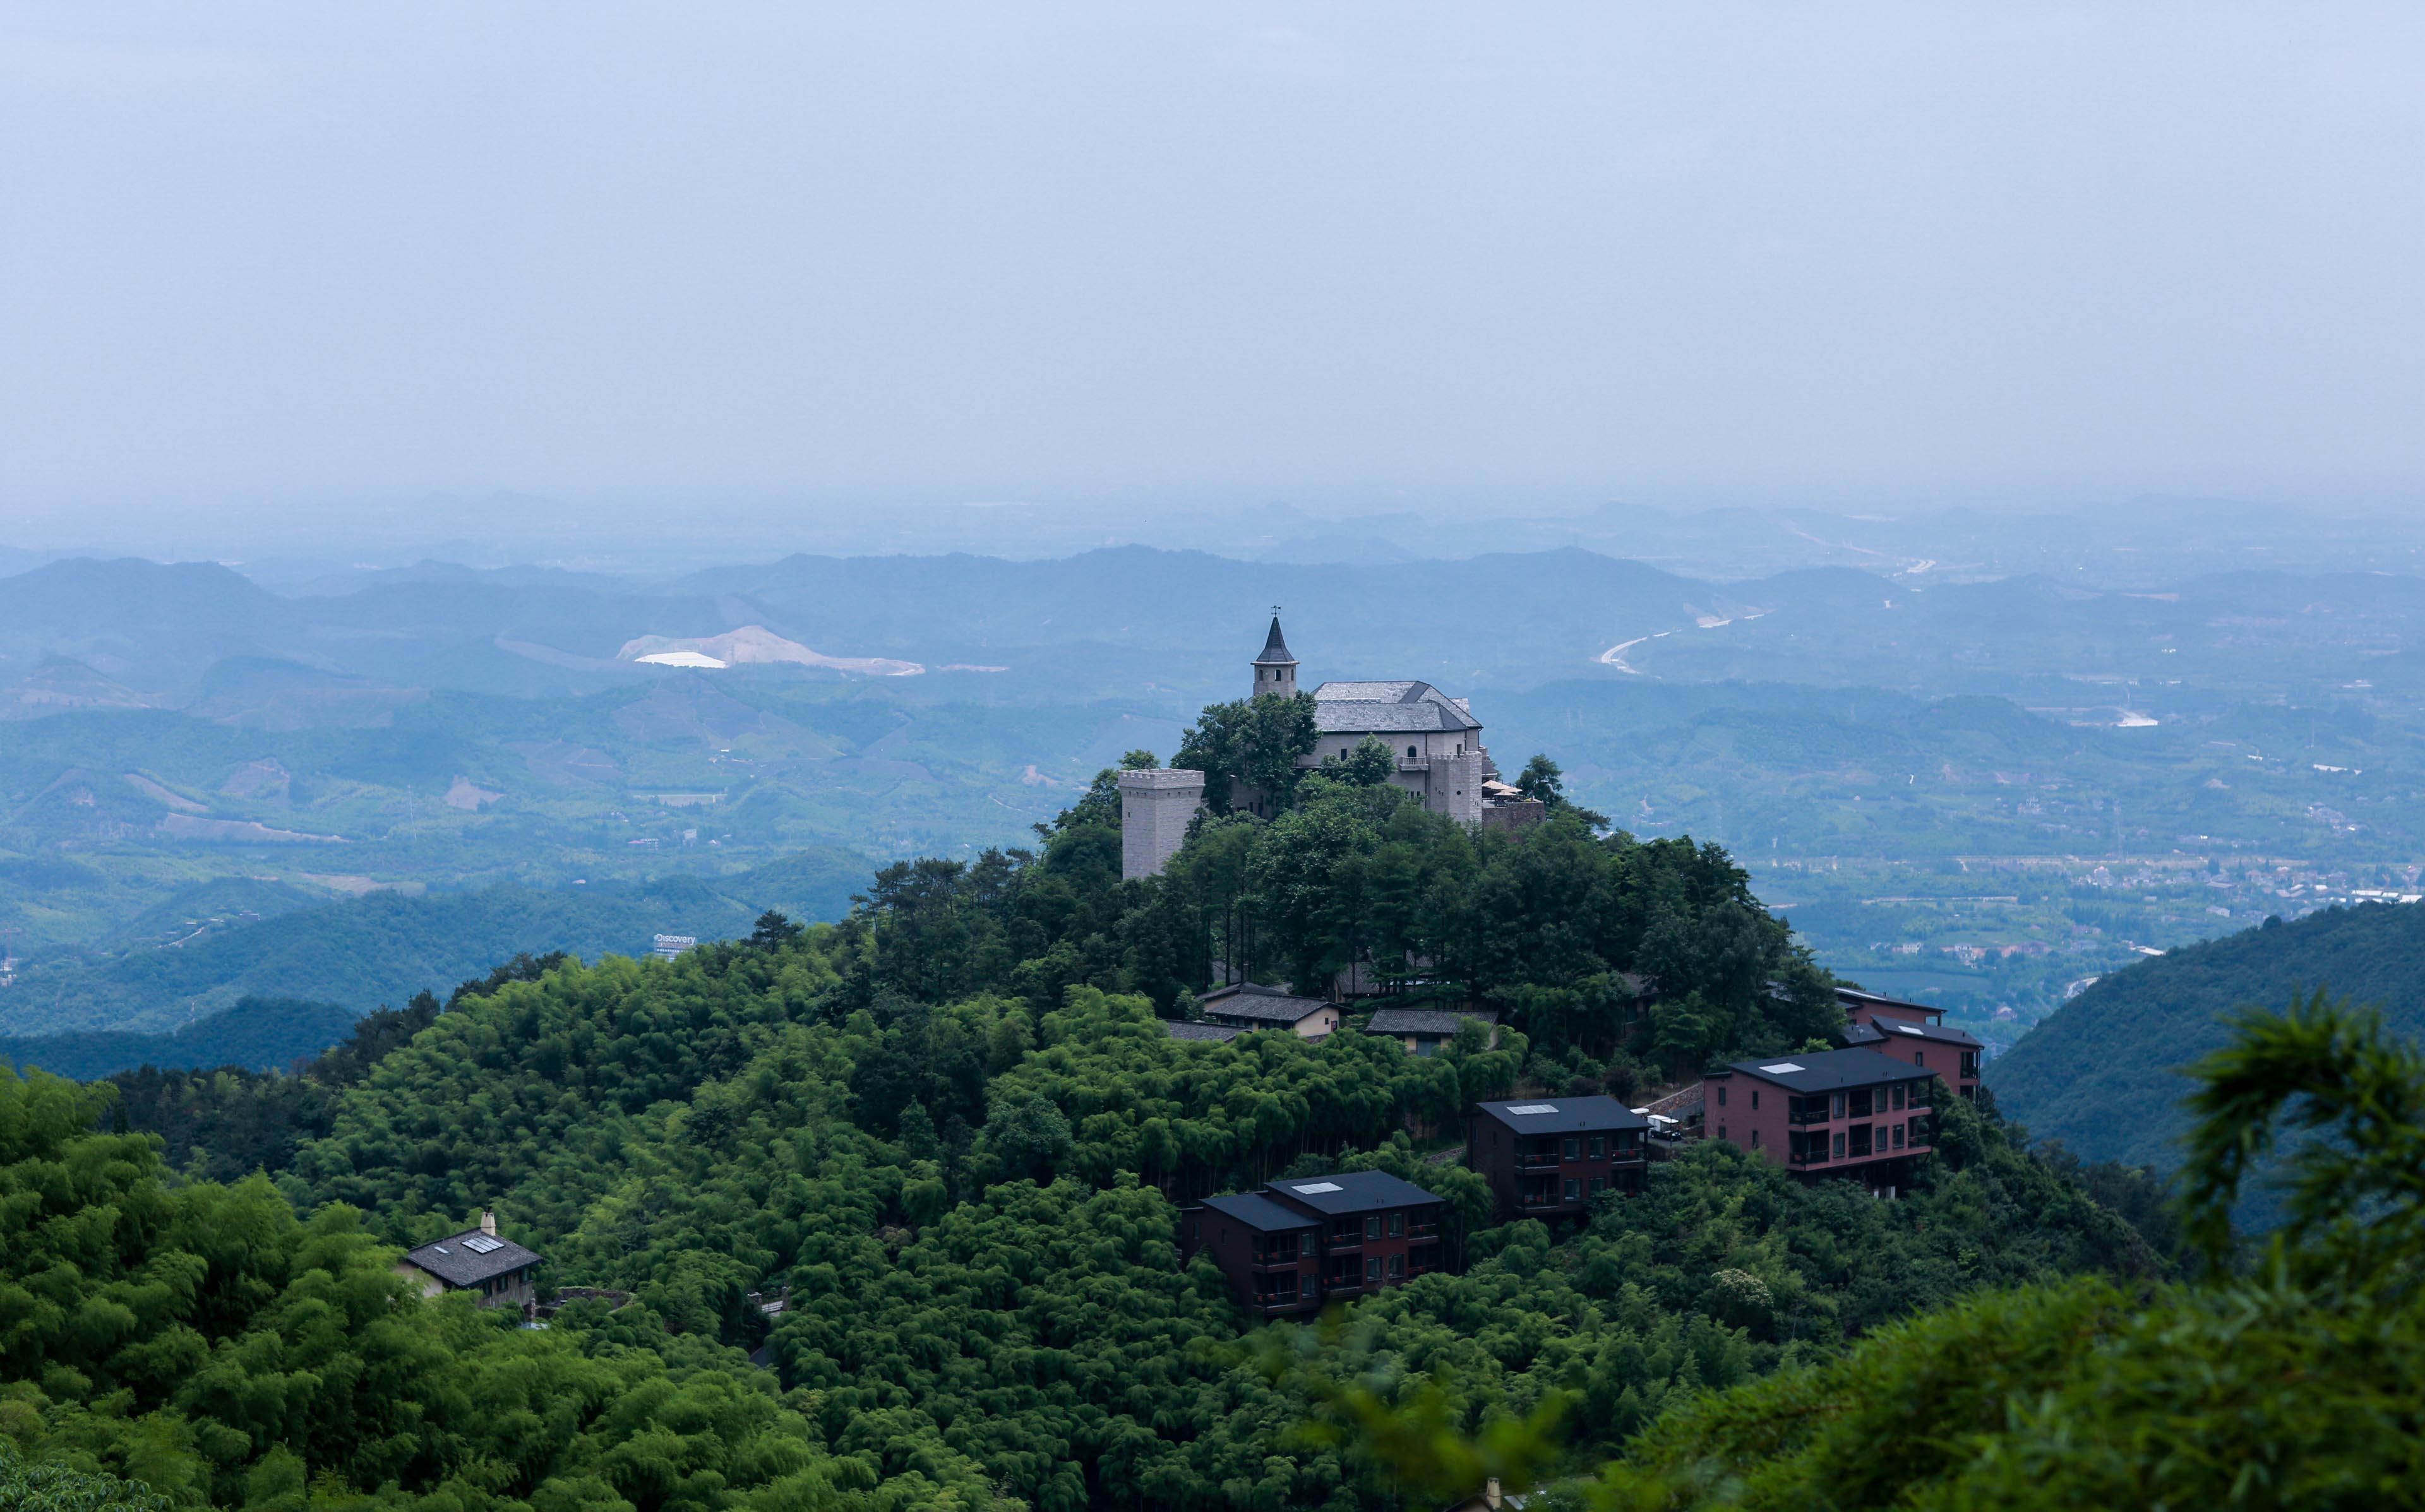 【小众莫干山】中国民宿聚集地,徒步莫干山风景区,私享精致民宿生活,一起去山里放个假!